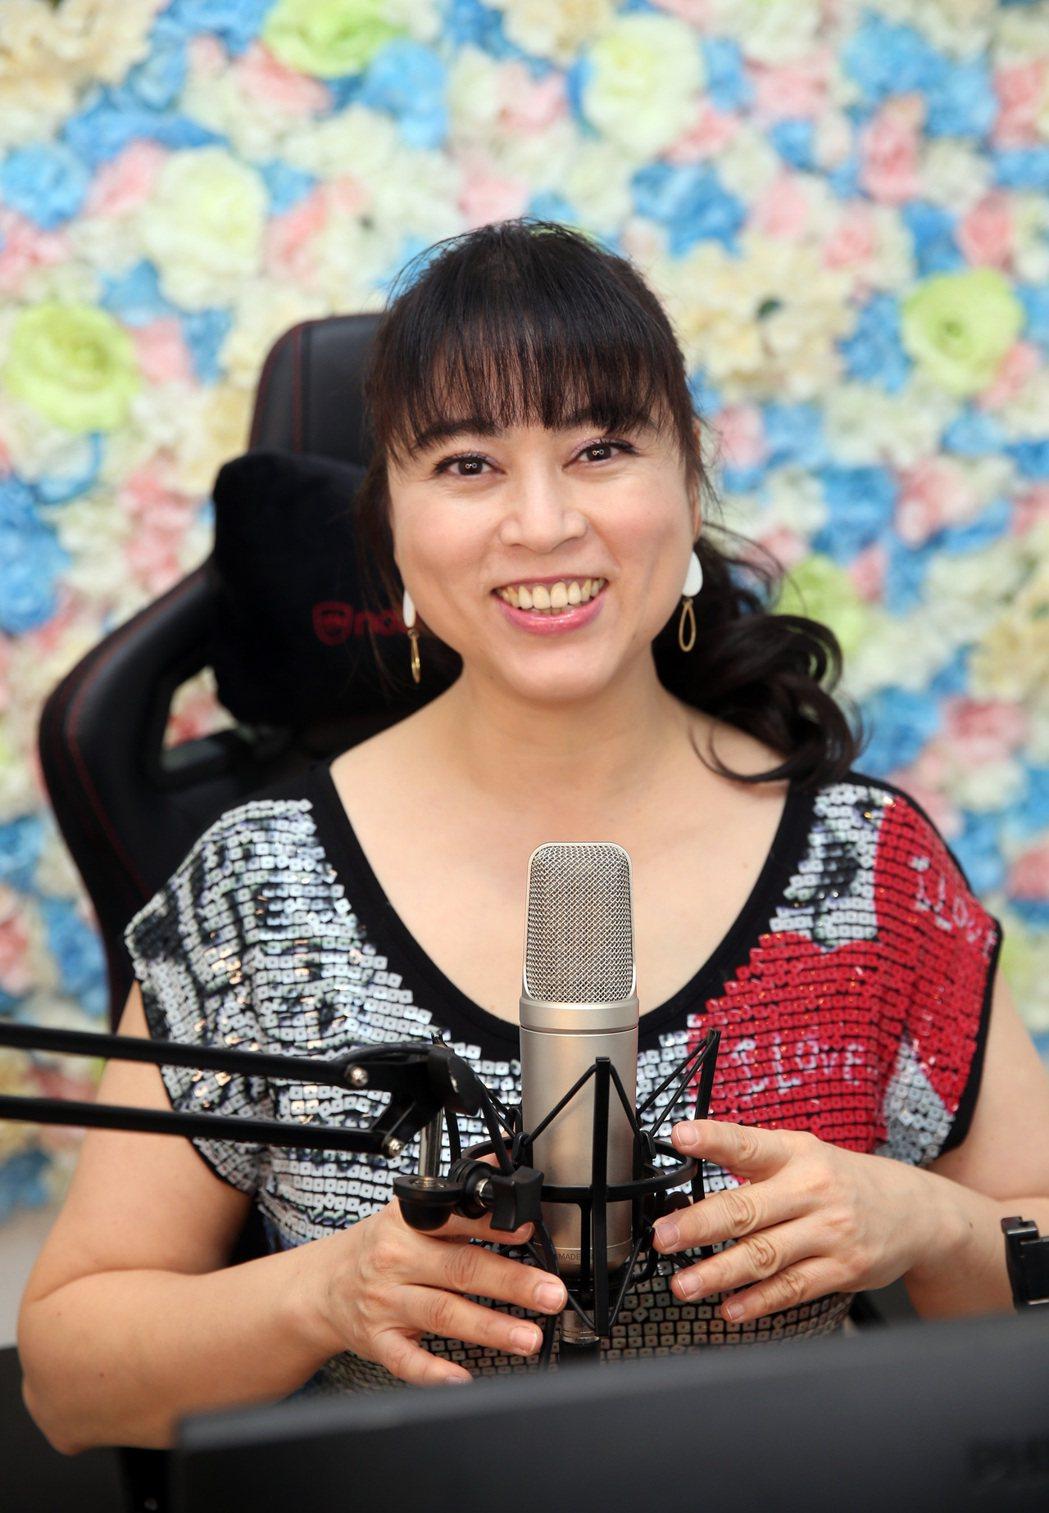 任潔玲在浪LIVE當直播主接受點播,也希望喜歡她的觀眾支持。記者陳吉松/攝影